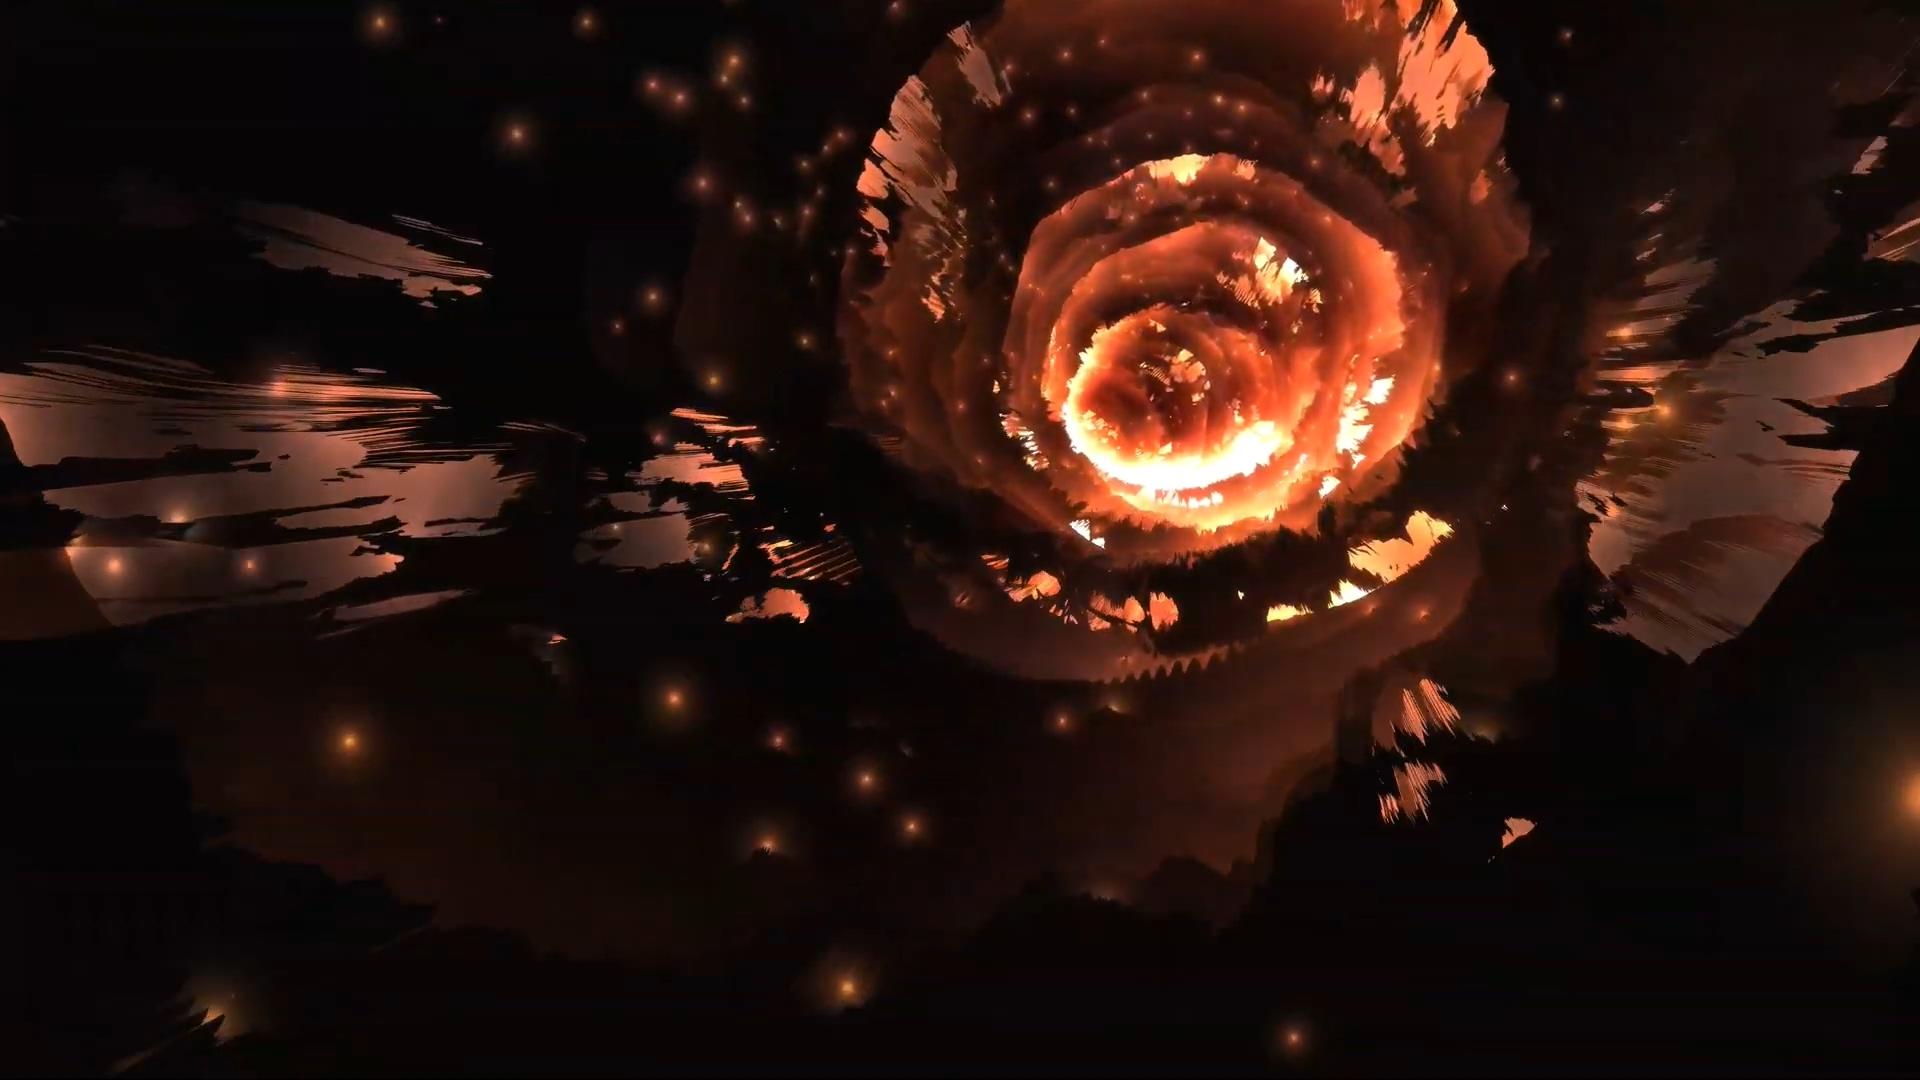 火洞虫洞穿梭VJ酒吧夜店舞台背景